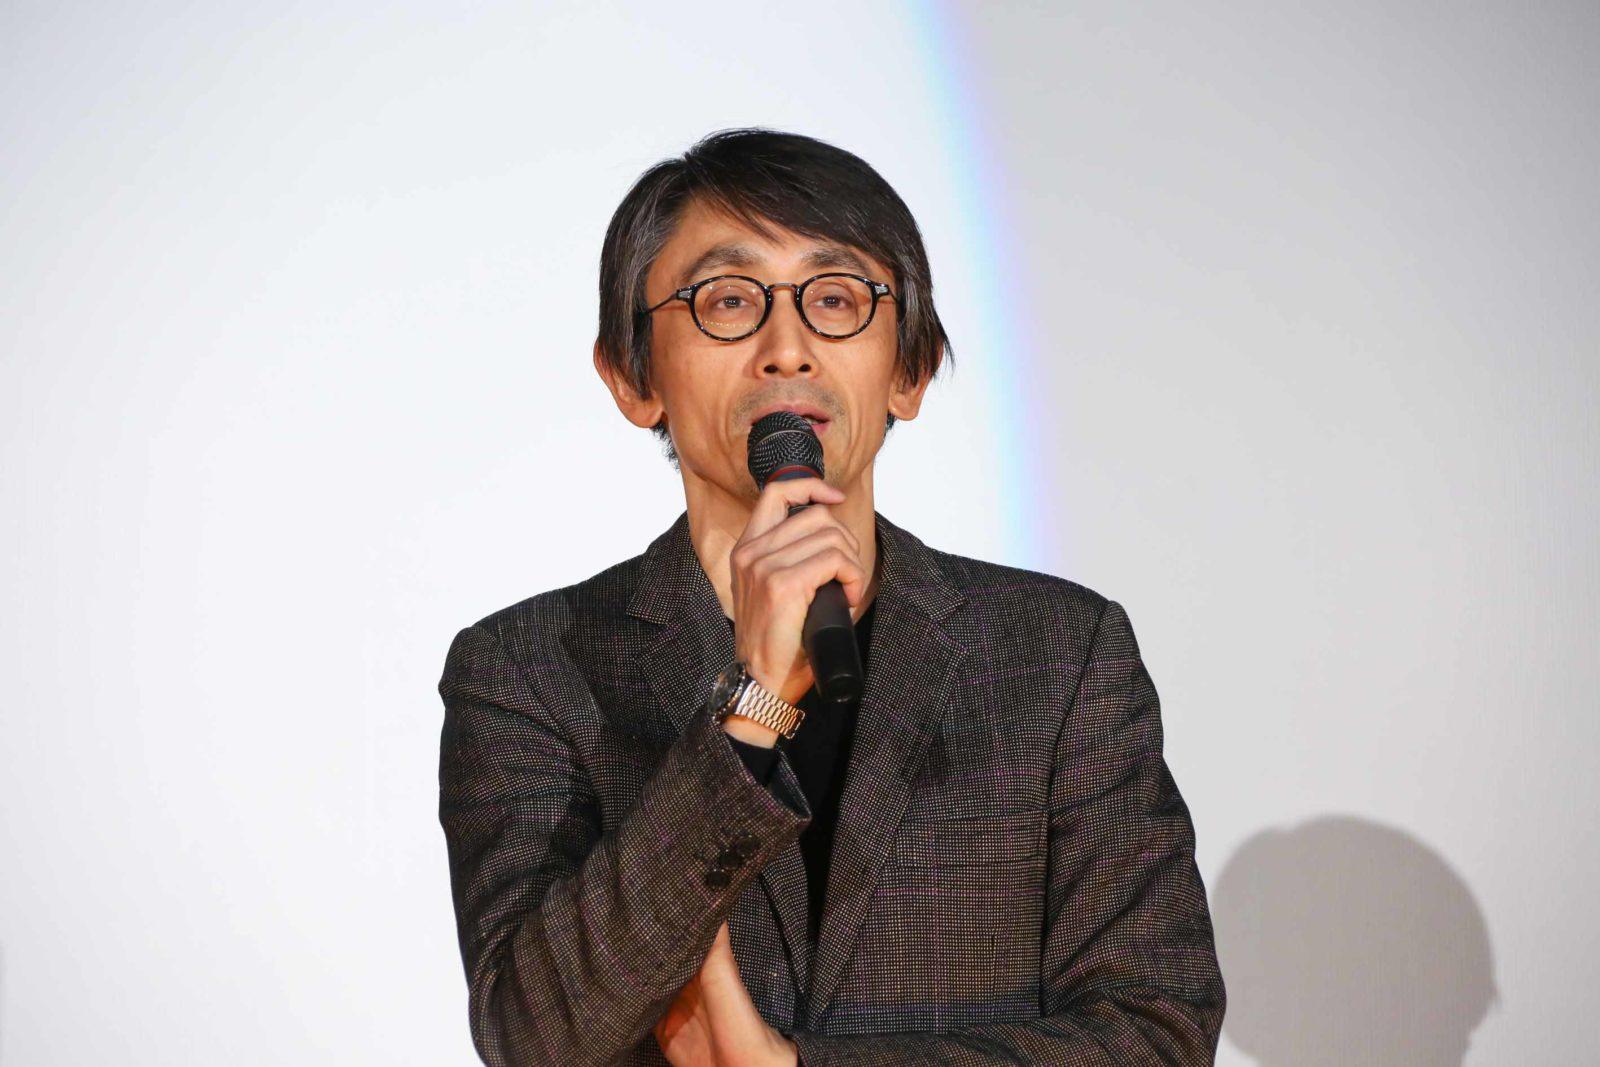 関ジャニ∞・錦戸亮、演じてみたい役聞かれ「色気のある男性介護士に…」サムネイル画像